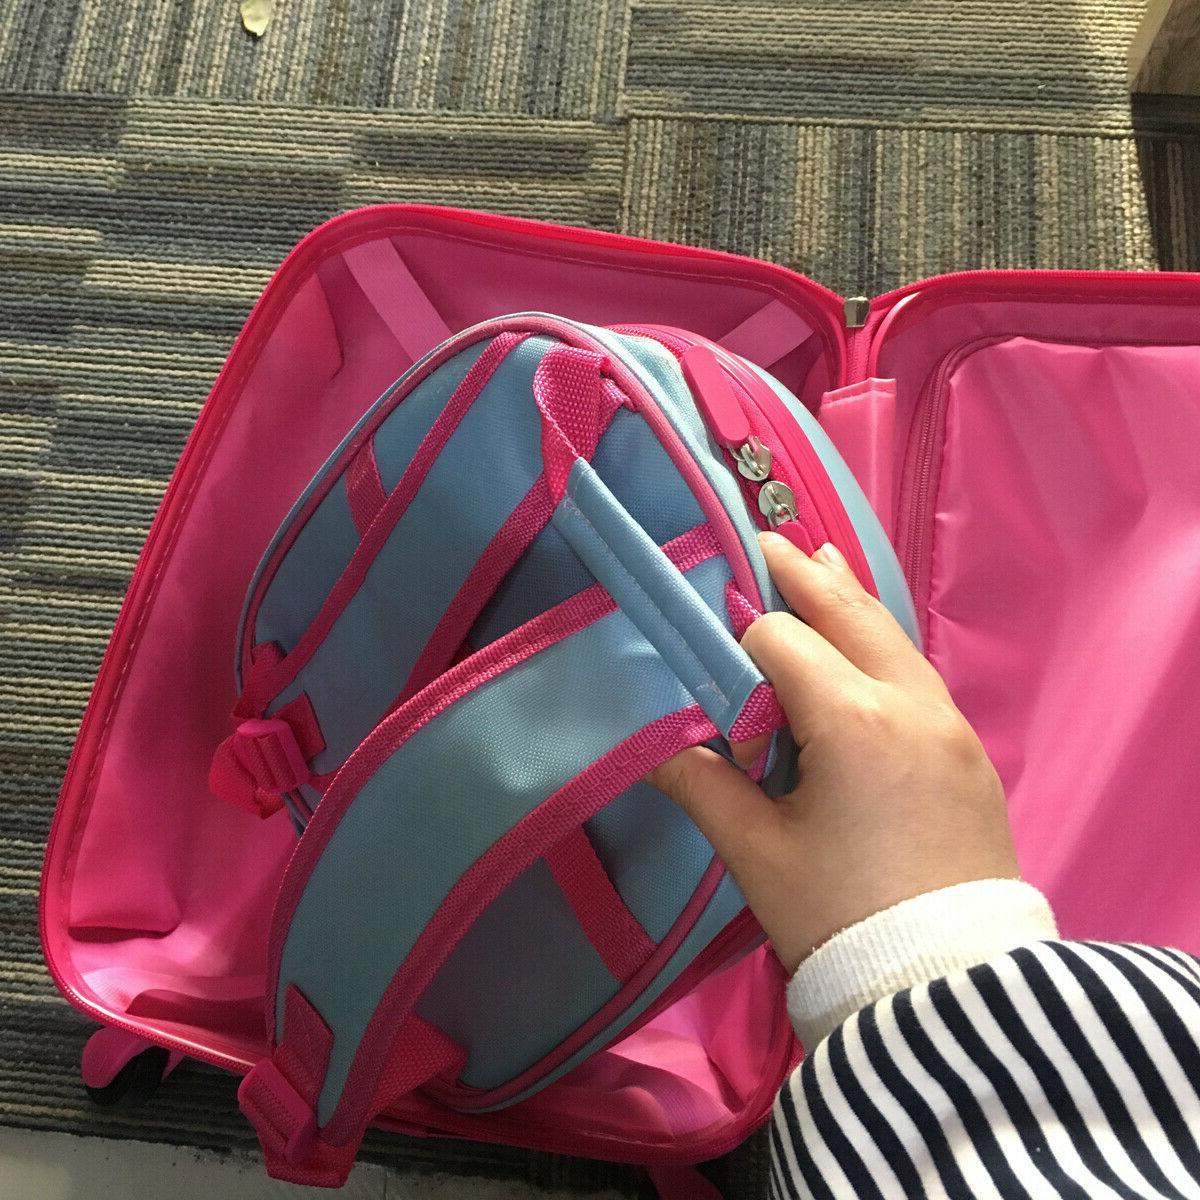 2 Trolley School Luggage Set